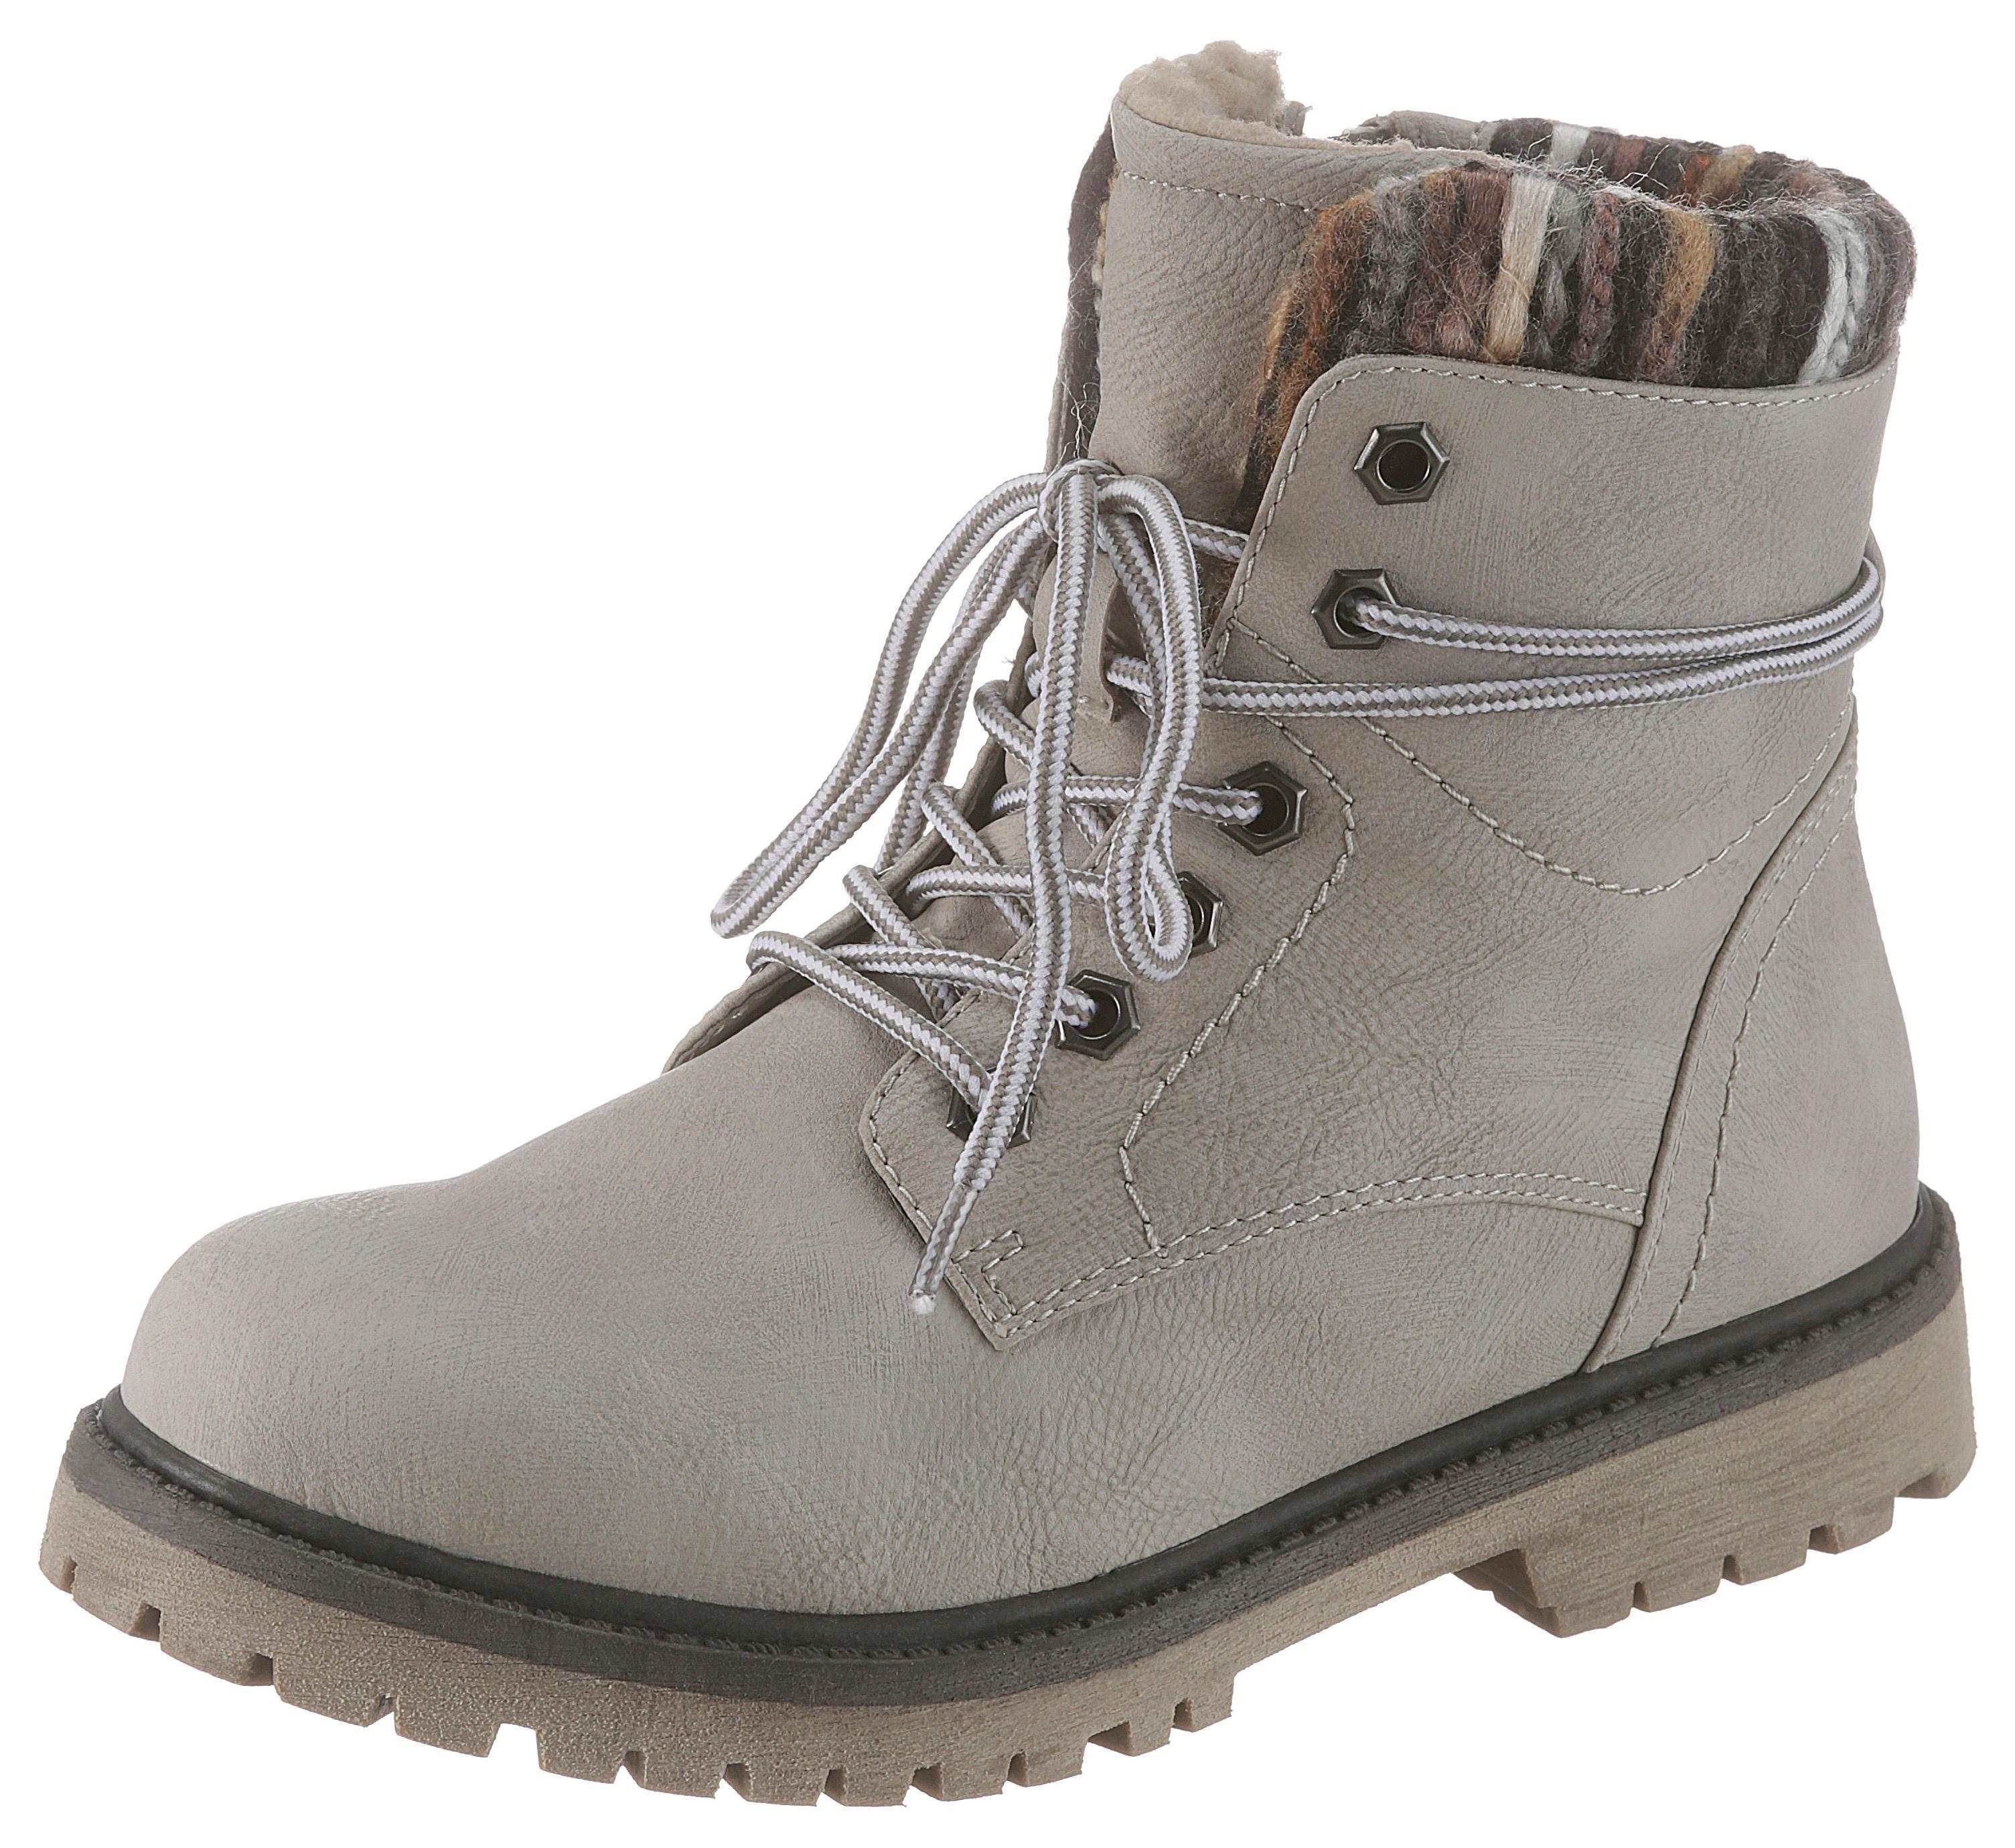 City Walk Hoge schoenen met vetersluiting - gratis ruilen op otto.nl